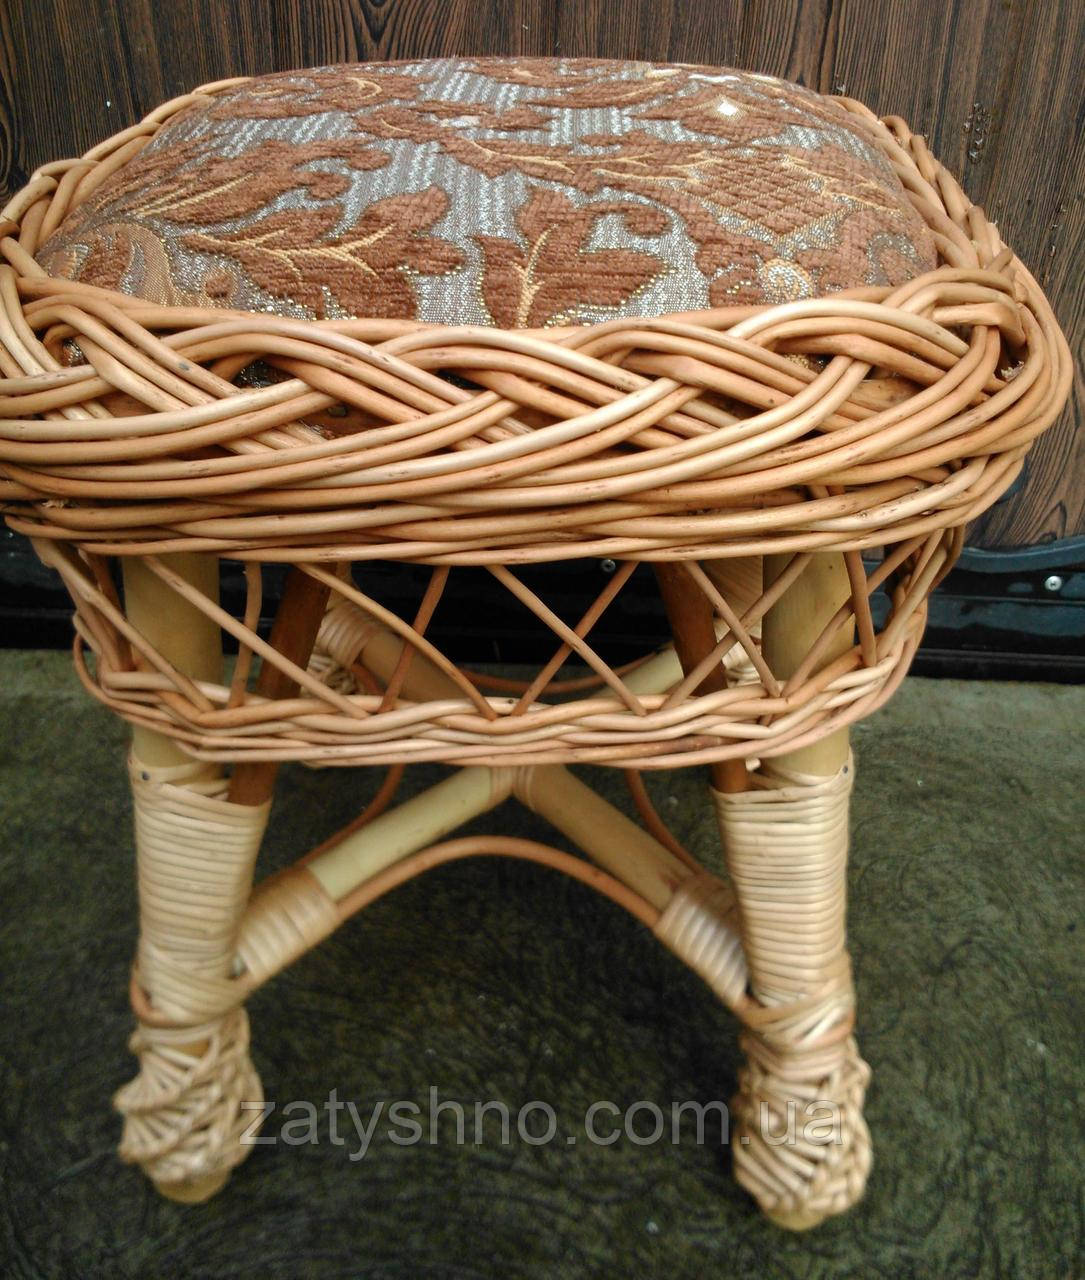 Табурет плетеный с мягкой частью